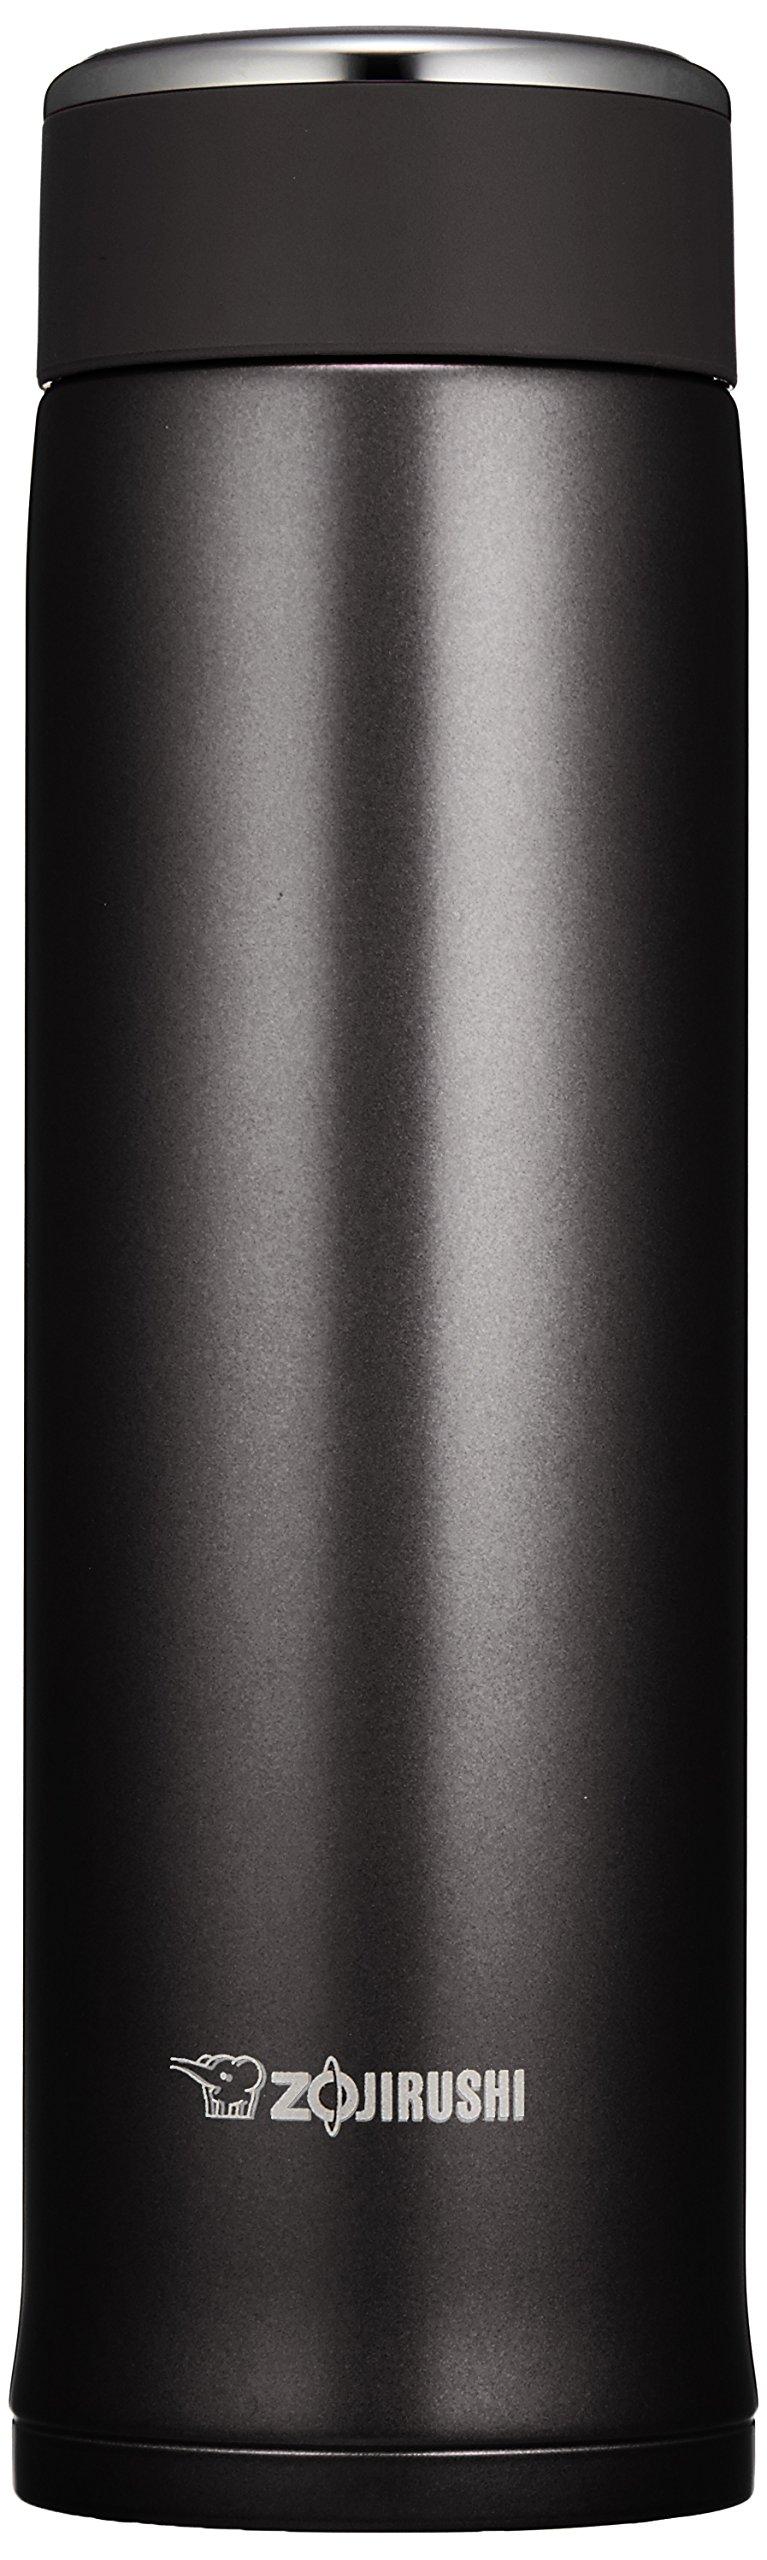 象印(ZOJIRUSHI) 水筒 直飲み ステンレスマグ 480ml マットブラック SM-LB48-BZ